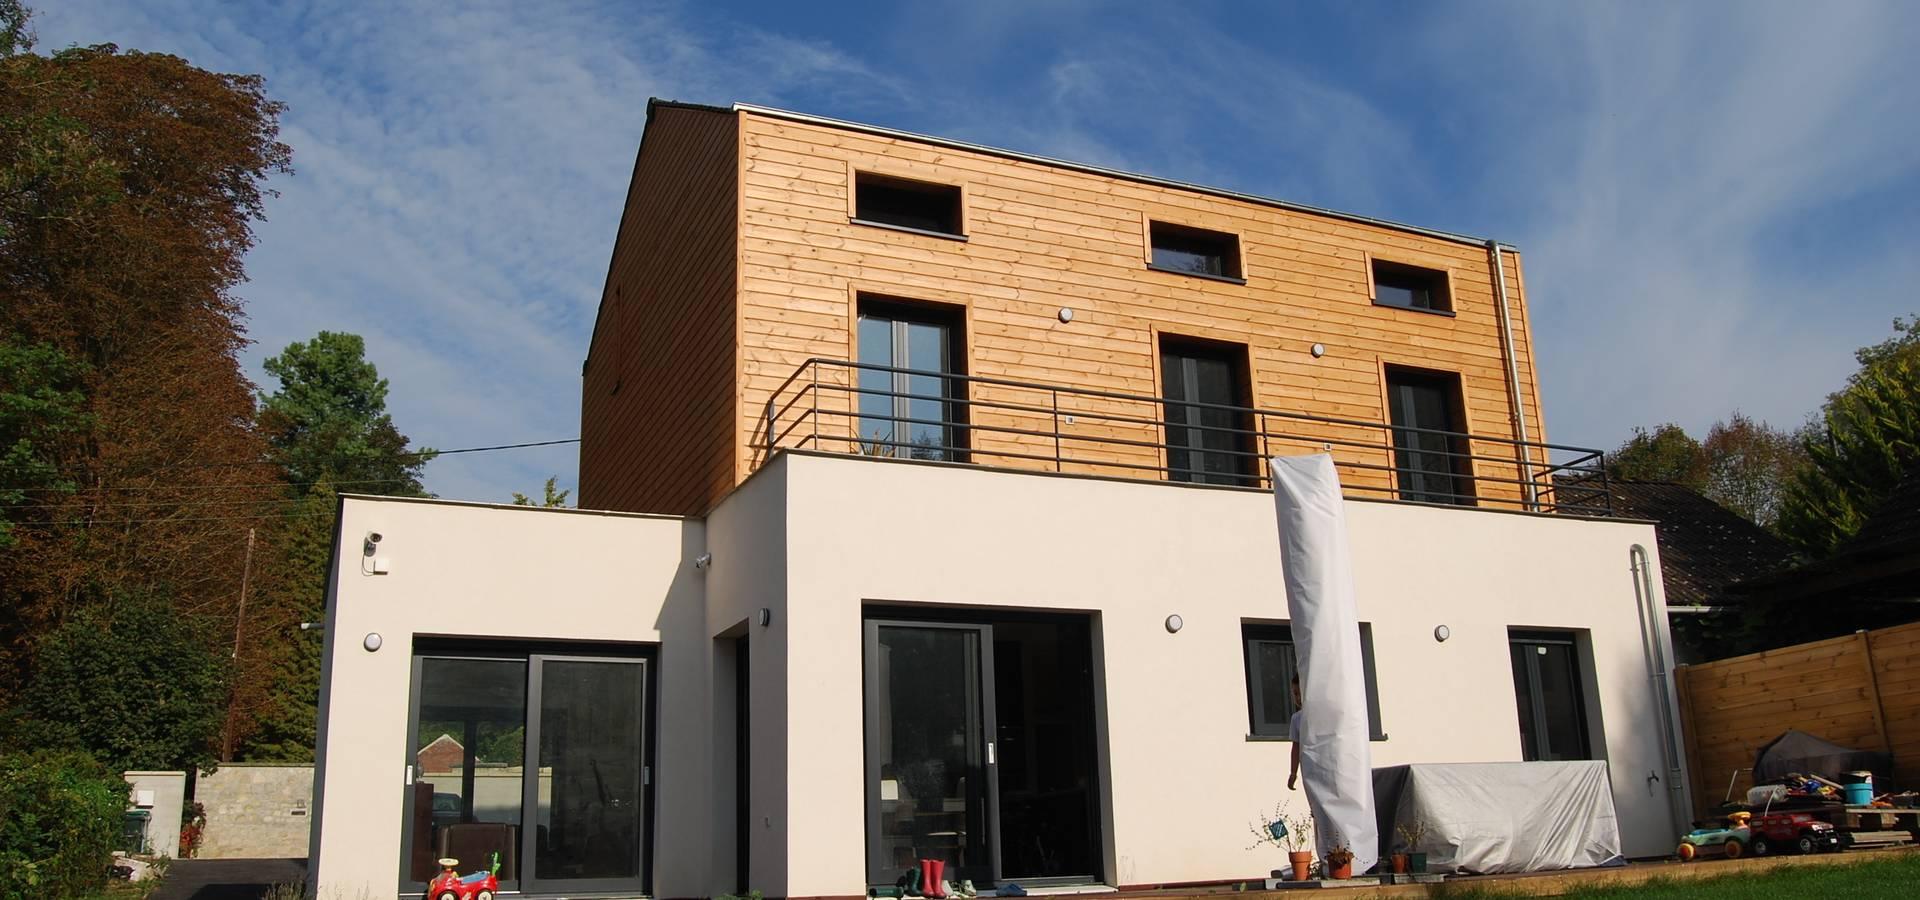 SARA Architecture